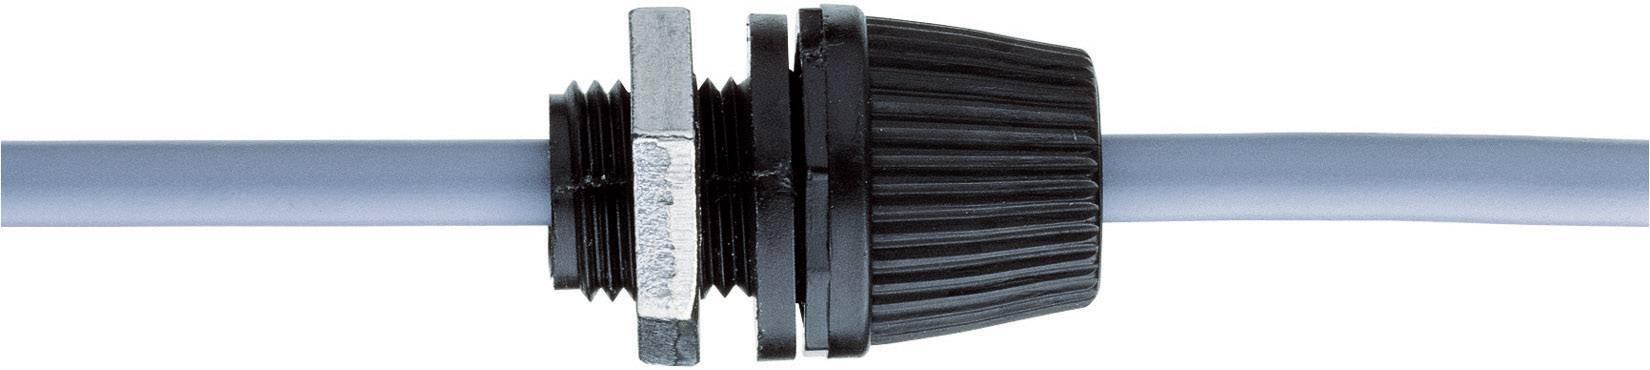 Káblová priechodka s odľahčením ťahu, polyamid, 1 ks